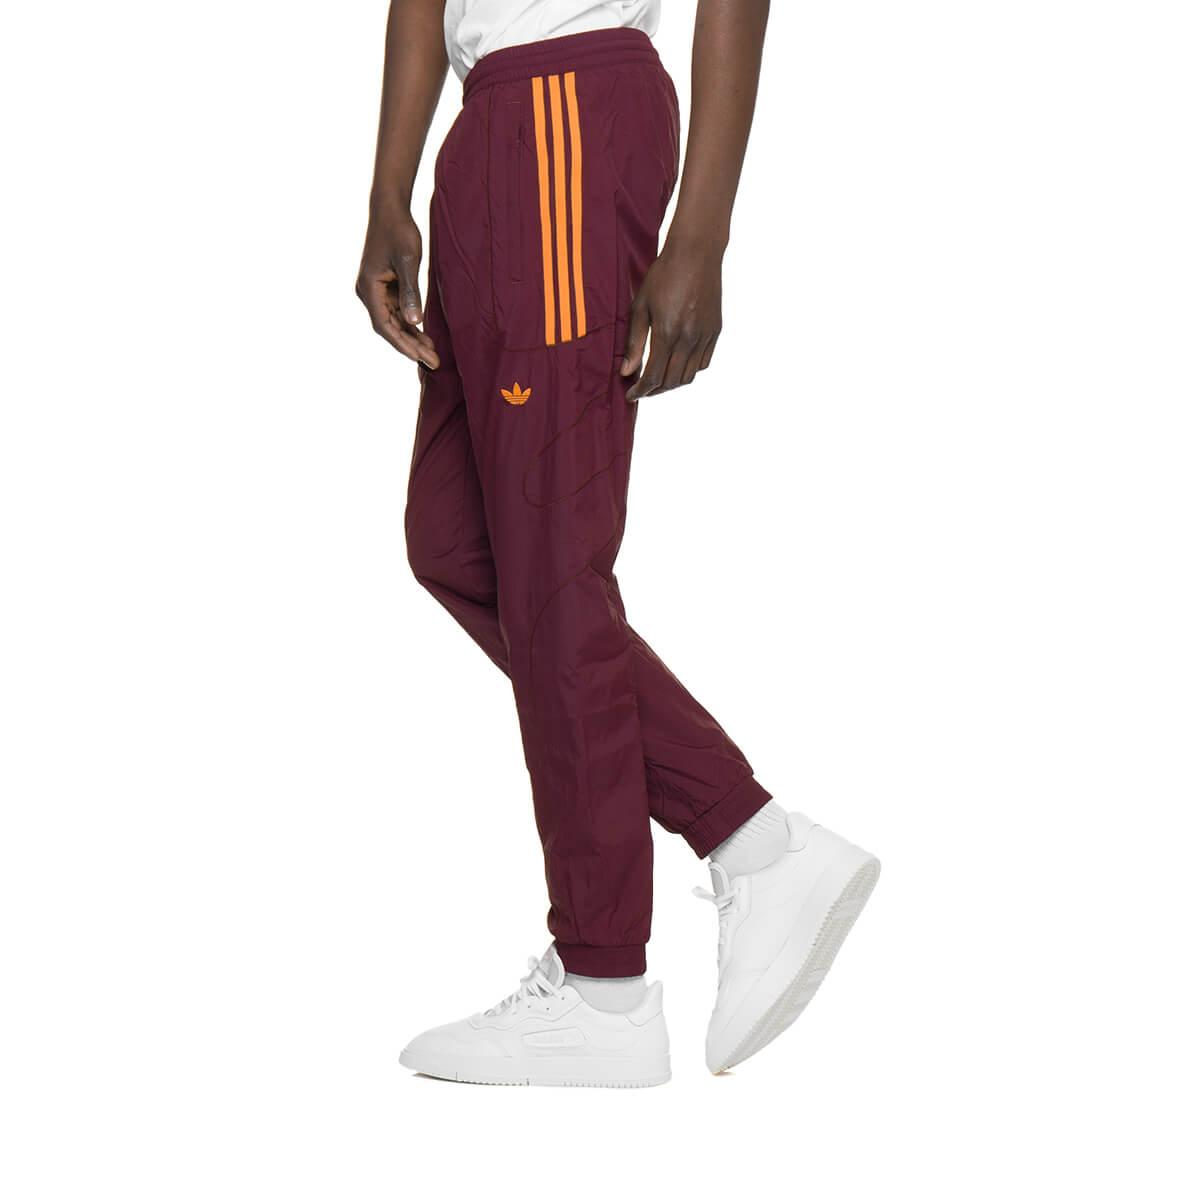 Adidas Originals Pant Pants Trace Maroon